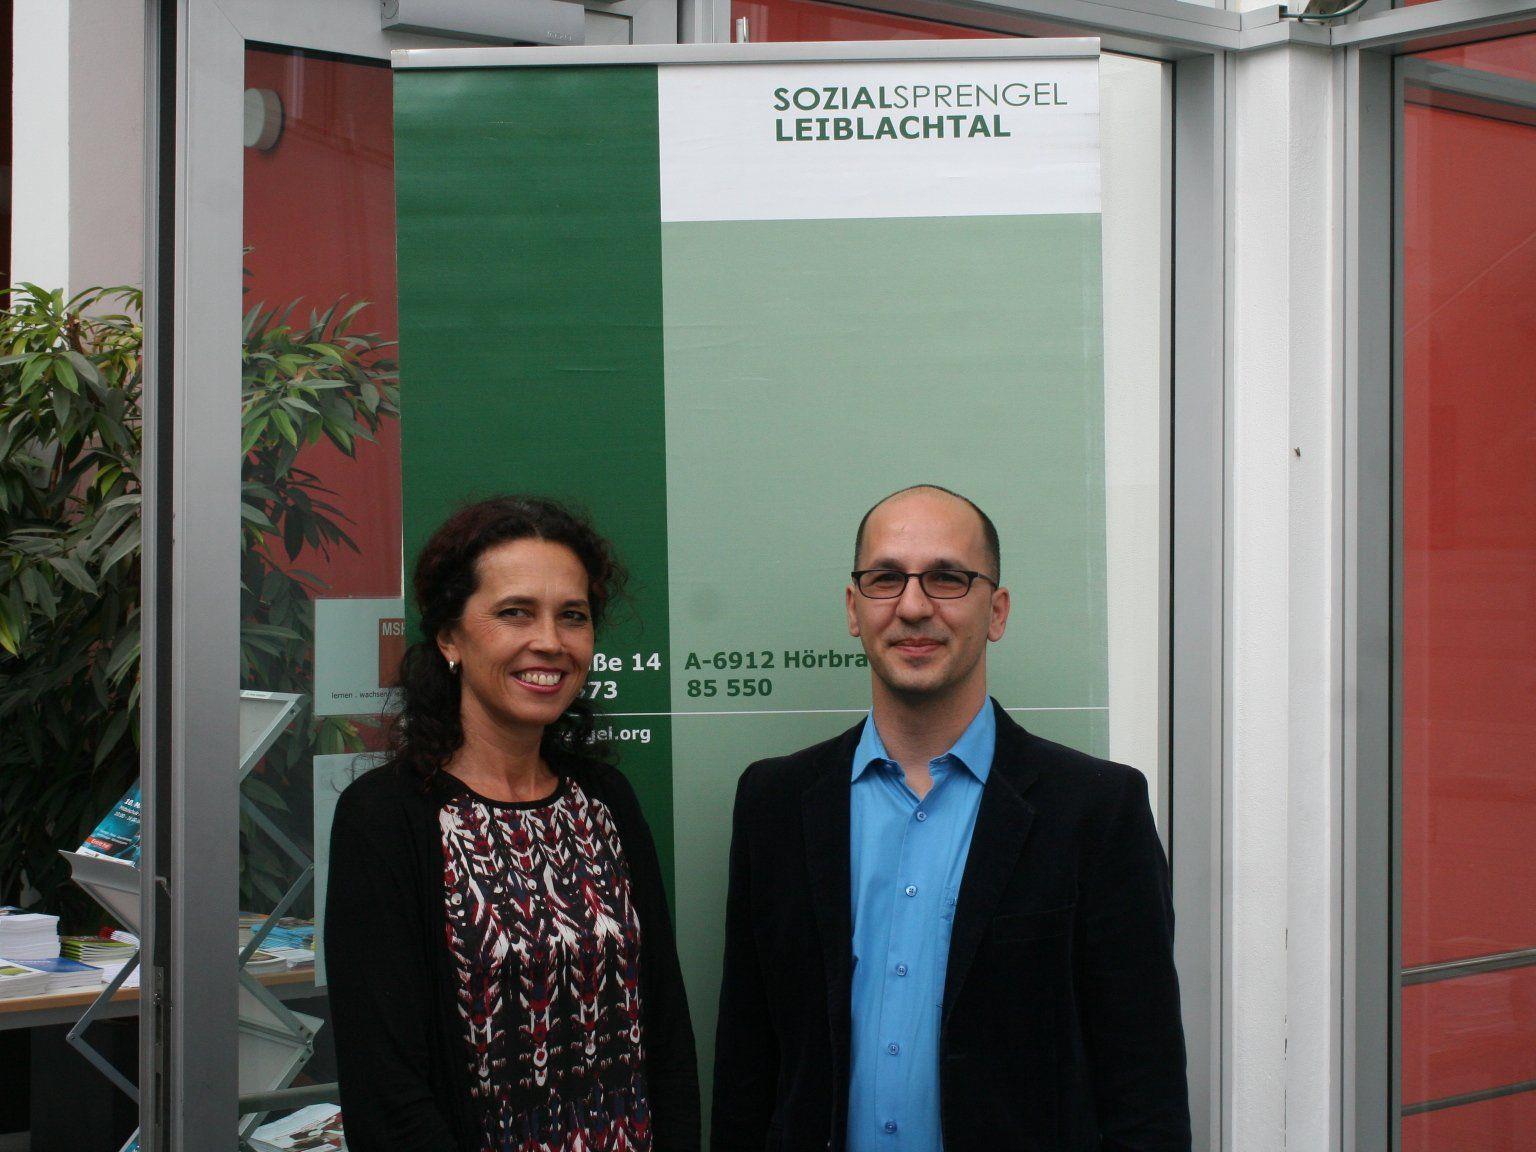 Wesna Reiner und Thomas Winzek begrüßten zahlreiche Besucherinnen und Besucher